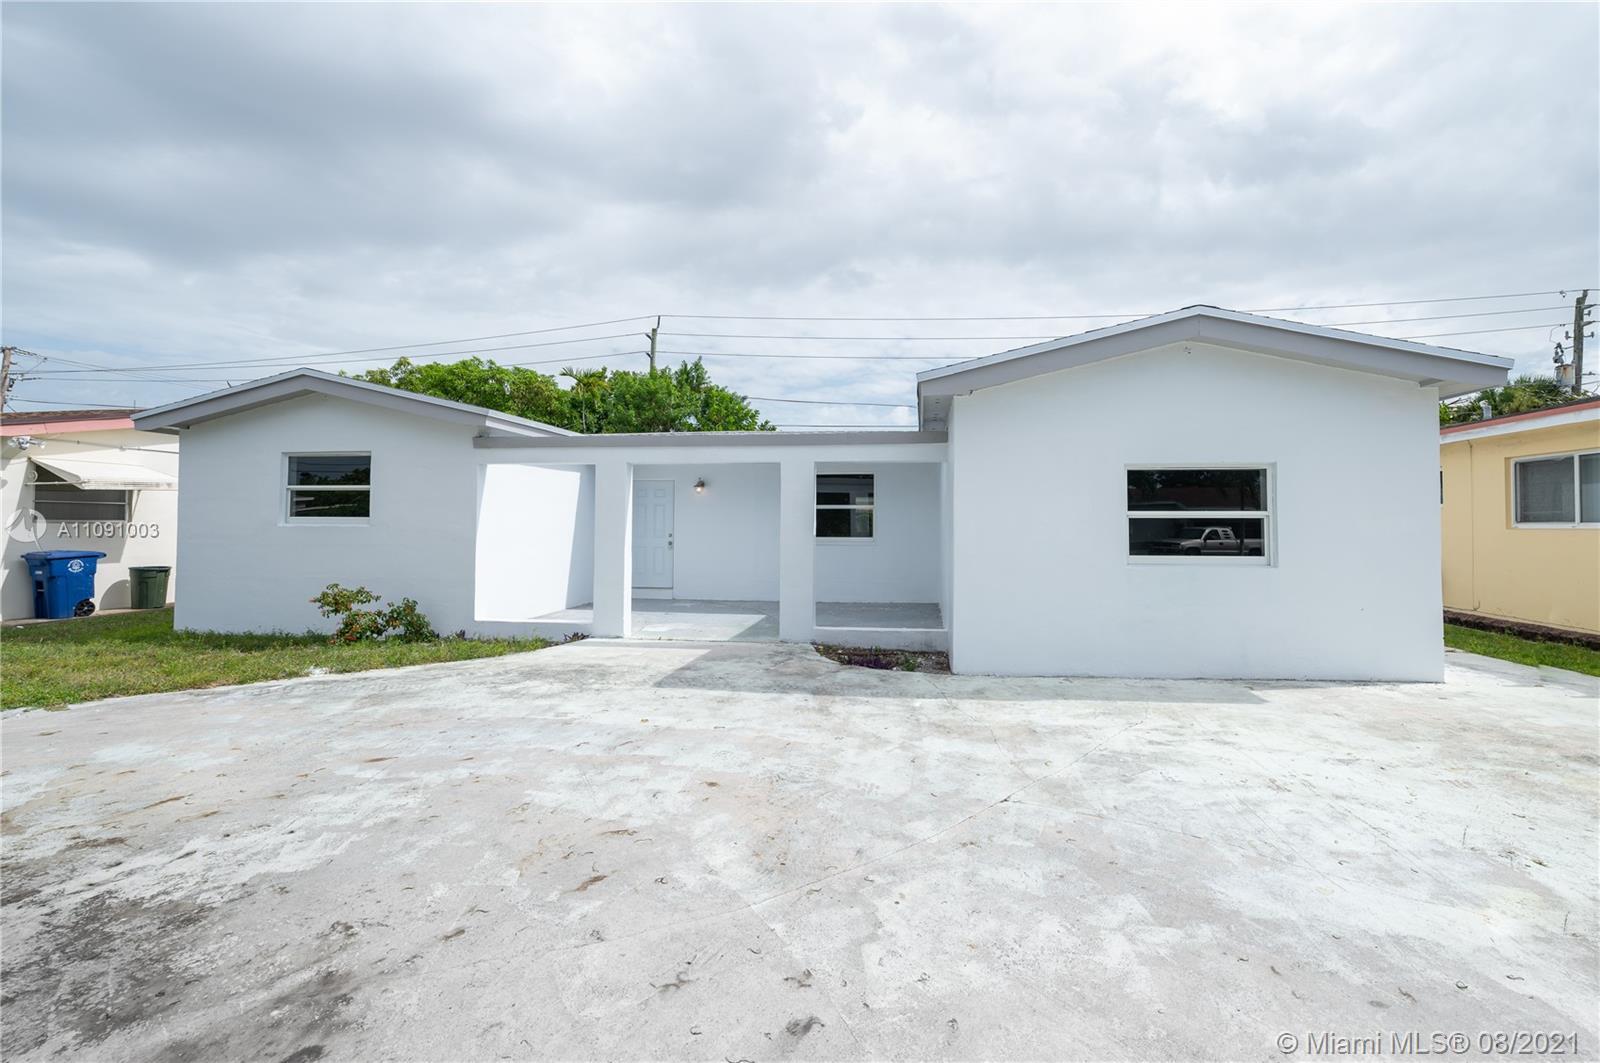 Miramar Sec - 7804 Indigo St, Miramar, FL 33023